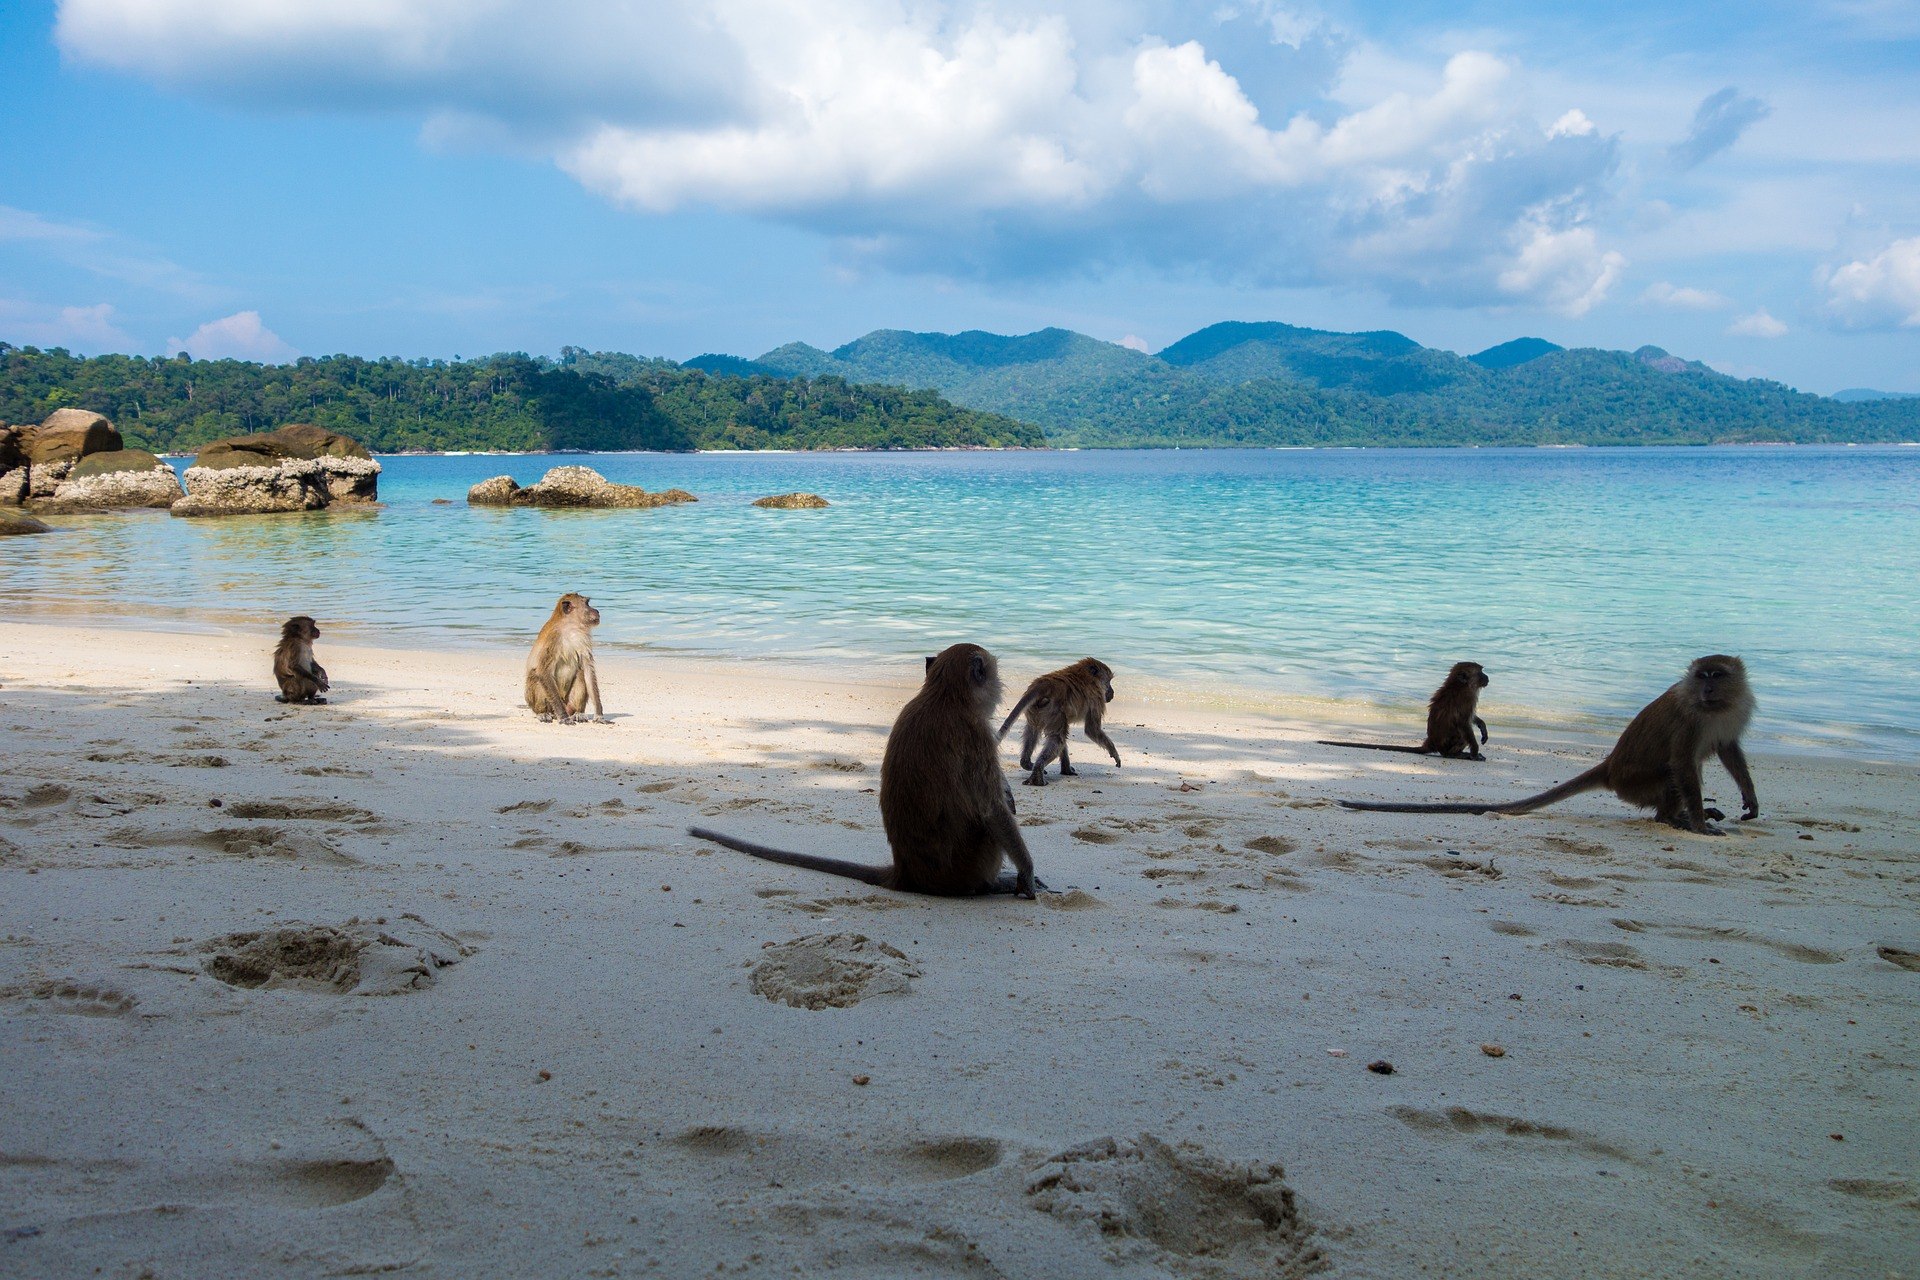 Koh Phangan Bungalow - Freundet euch mit den Affen an, kann ich nur empfehlen